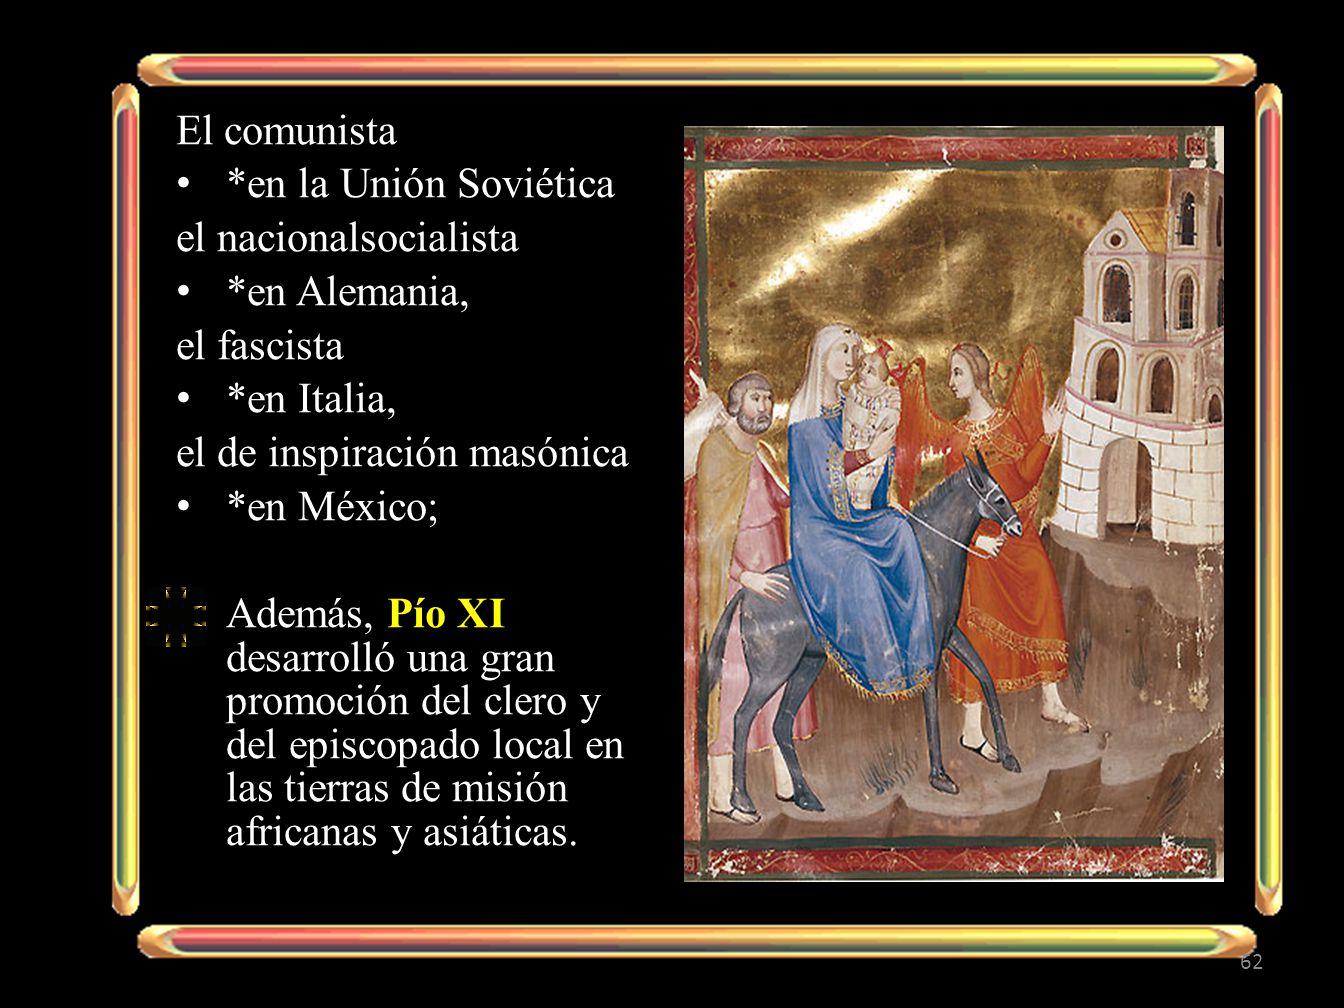 El comunista *en la Unión Soviética el nacionalsocialista *en Alemania, el fascista *en Italia, el de inspiración masónica *en México; Además, Pío XI